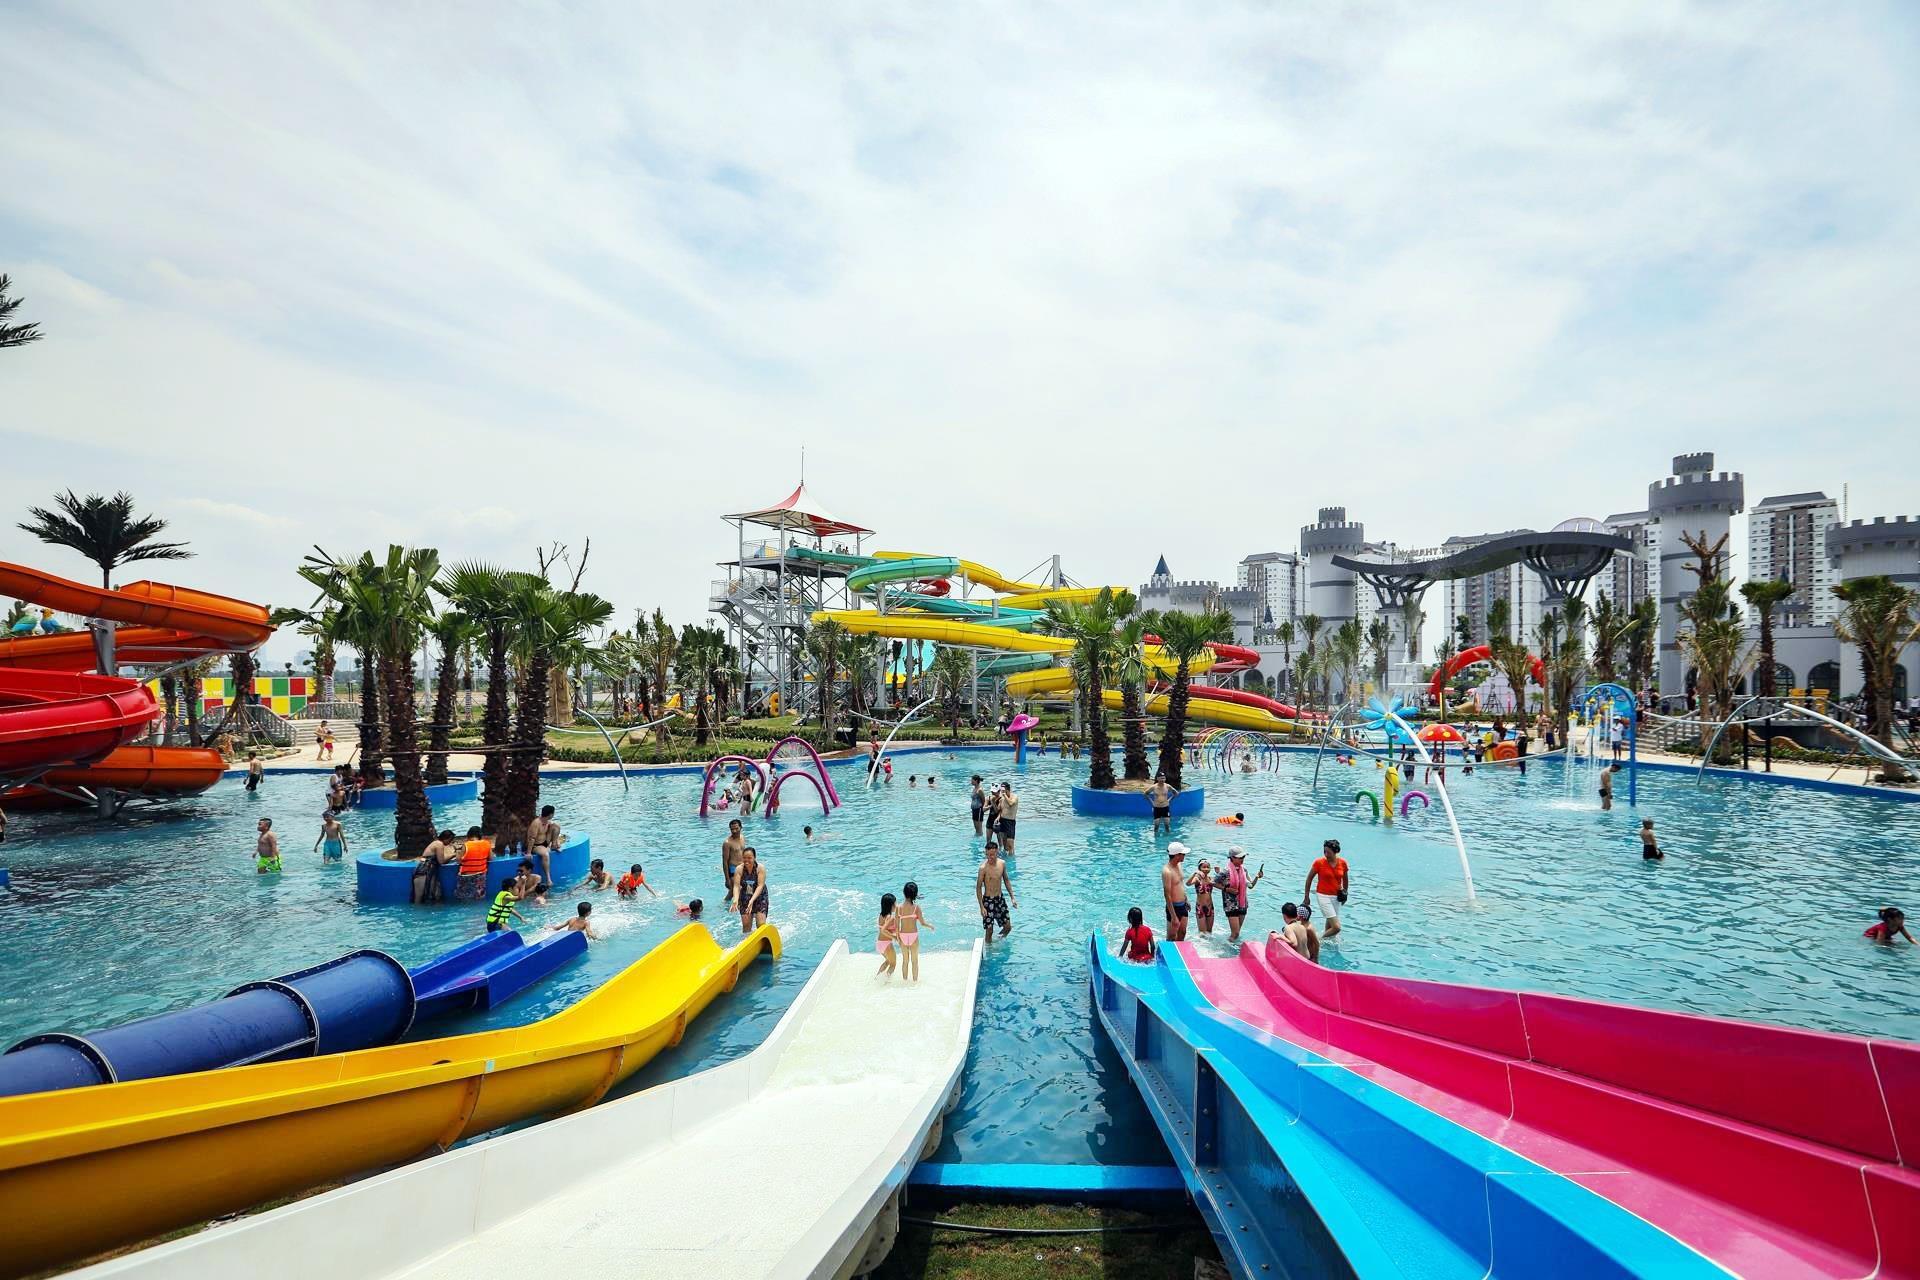 Chủ đầu tư cho biết công viên nước này nhắm đến lượng khách bình dân ở vùng ven Hà Nội. Tuy nhiên, nhiều khách hàng cho rằng mức giá vé còn khá caoso với thu nhập trung bình tại đây. Đây có thể là một phần nguyên nhân dẫn đến vắng khách trong ngày đầu khai trương công viên.